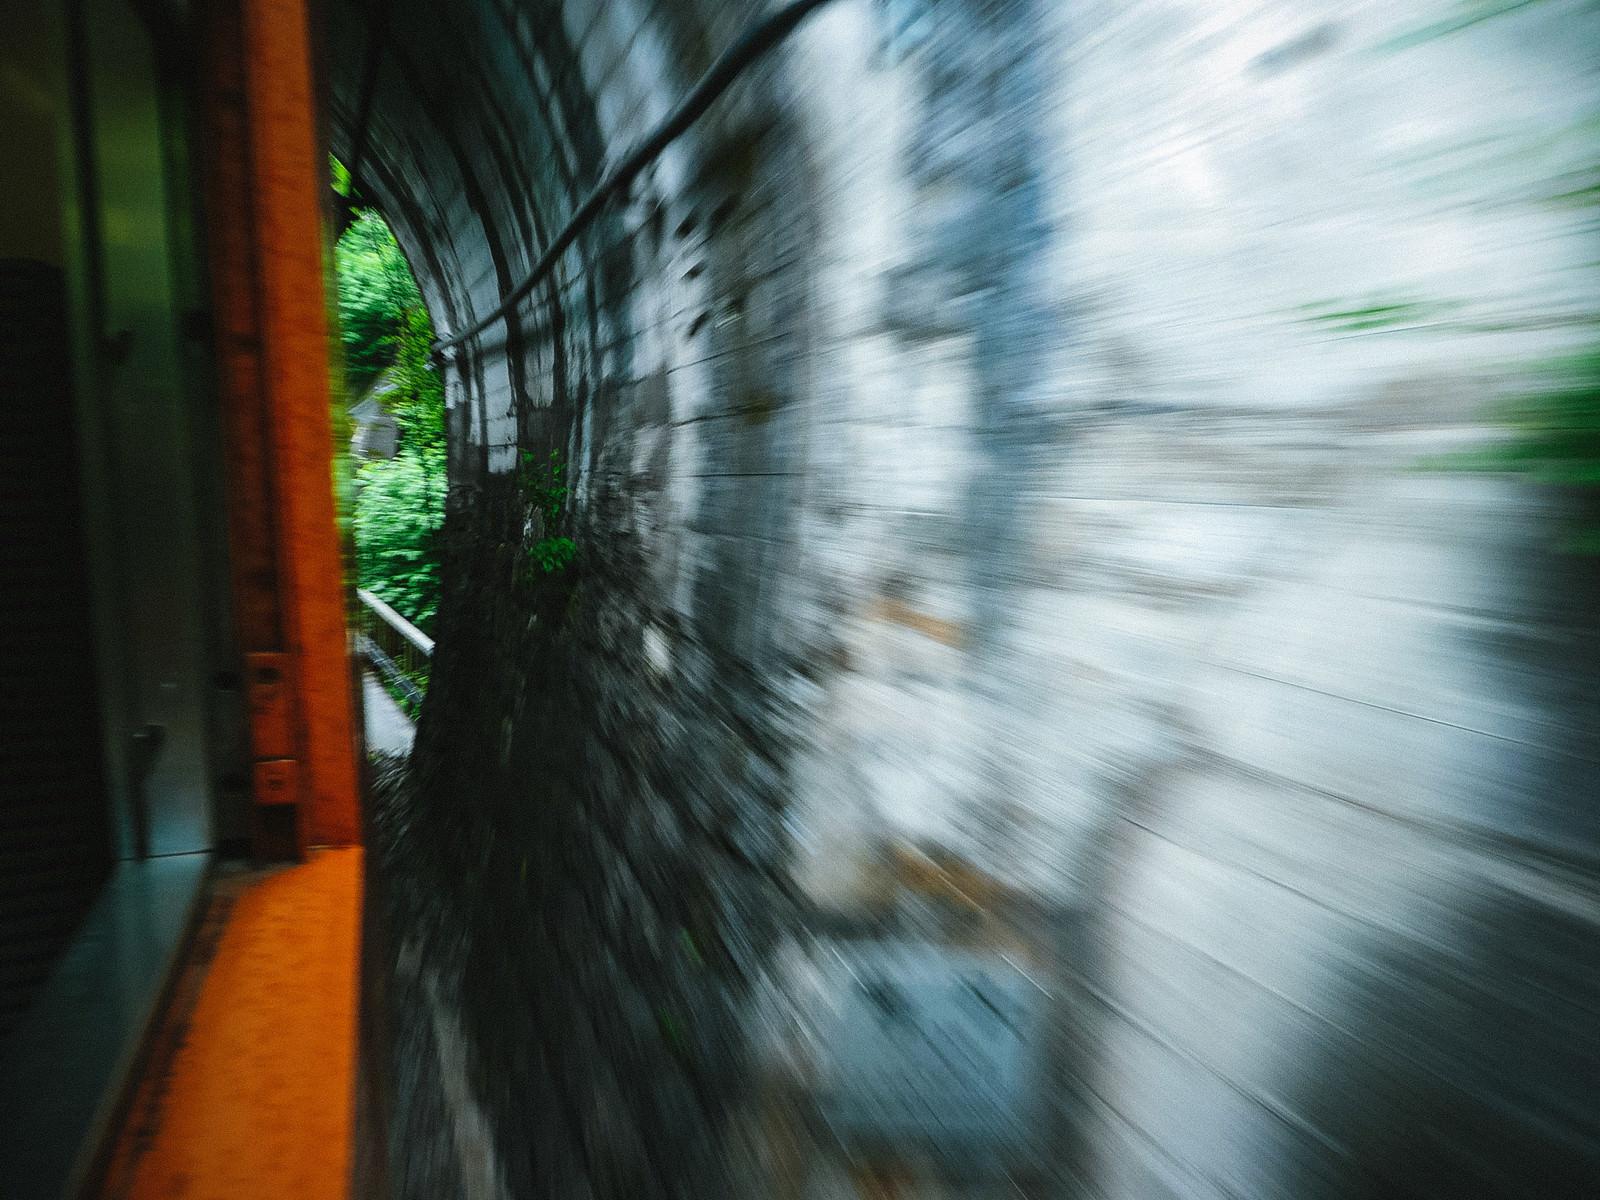 「「樽沢トンネル」を通過中の車窓から」の写真